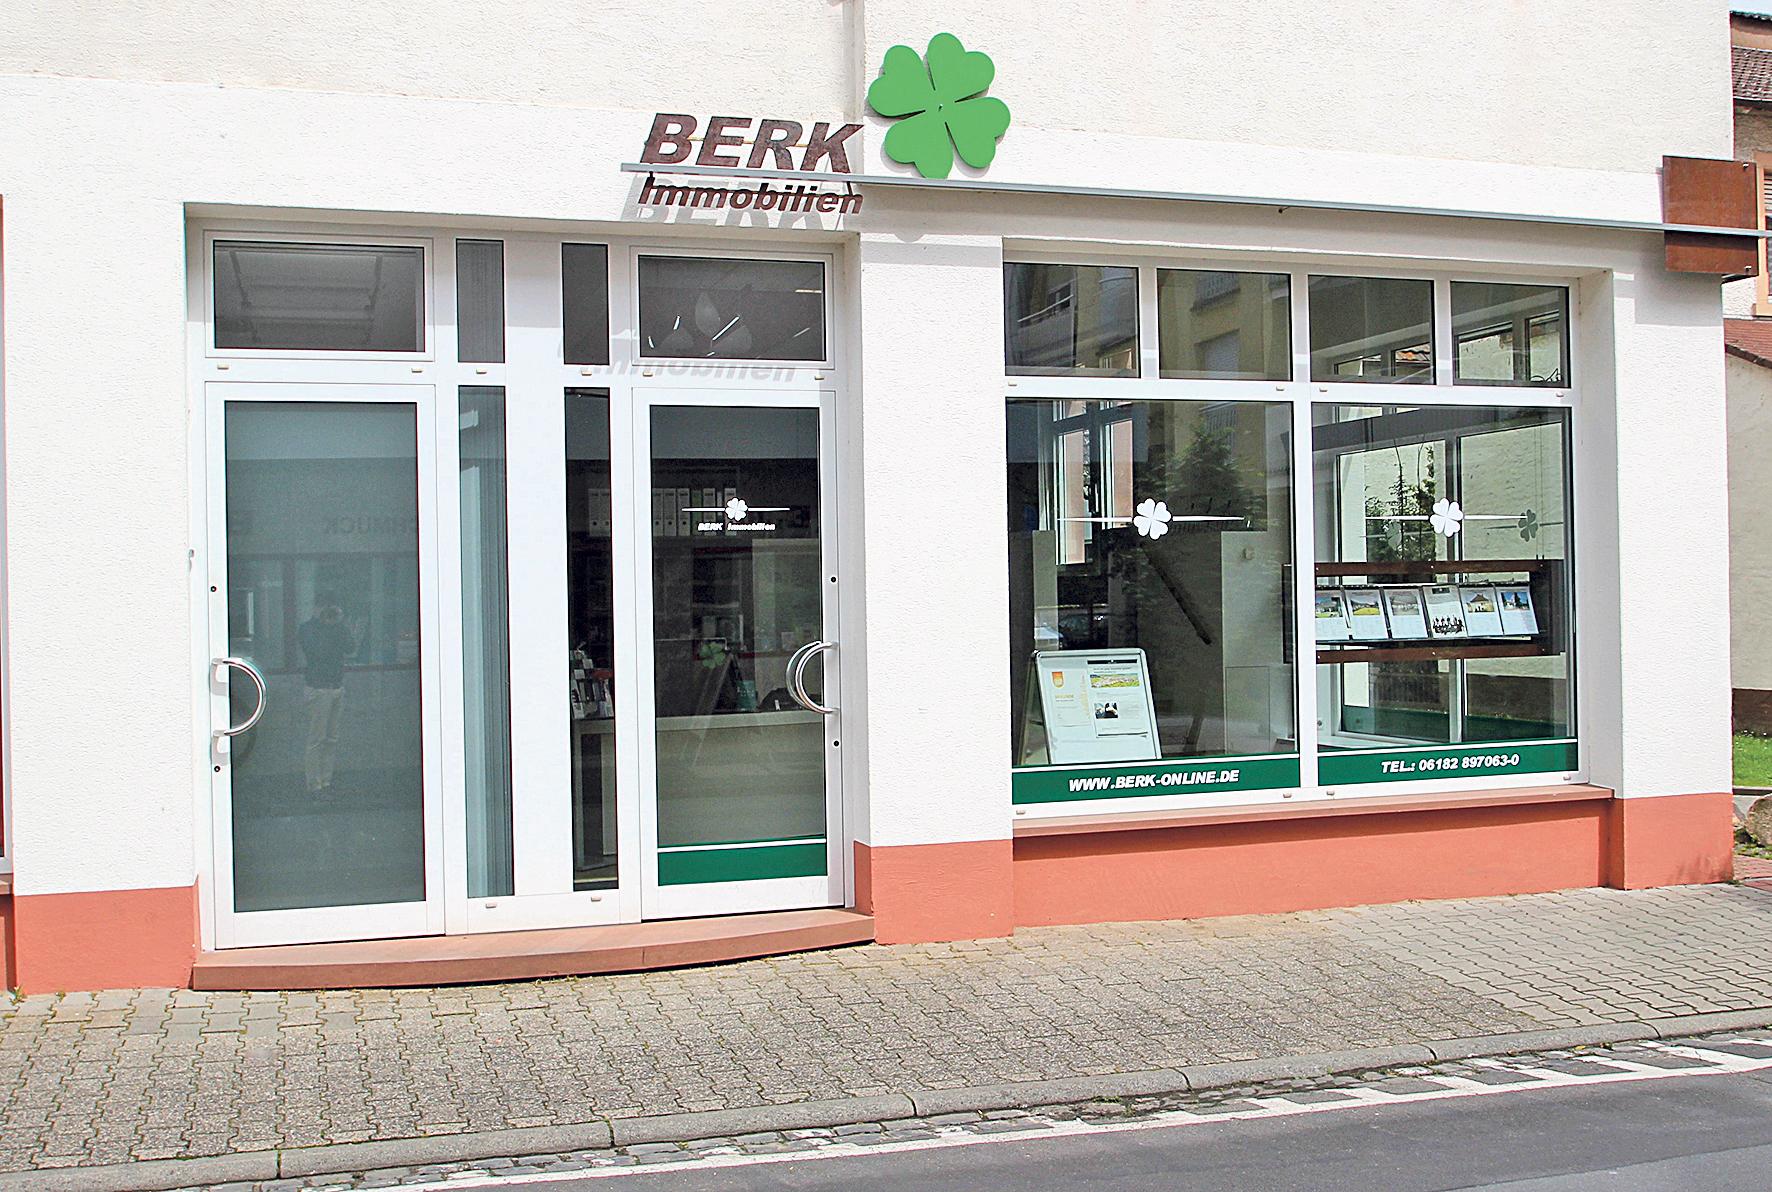 Immobilien verkaufen mit dem Profi BERK Immobilien in